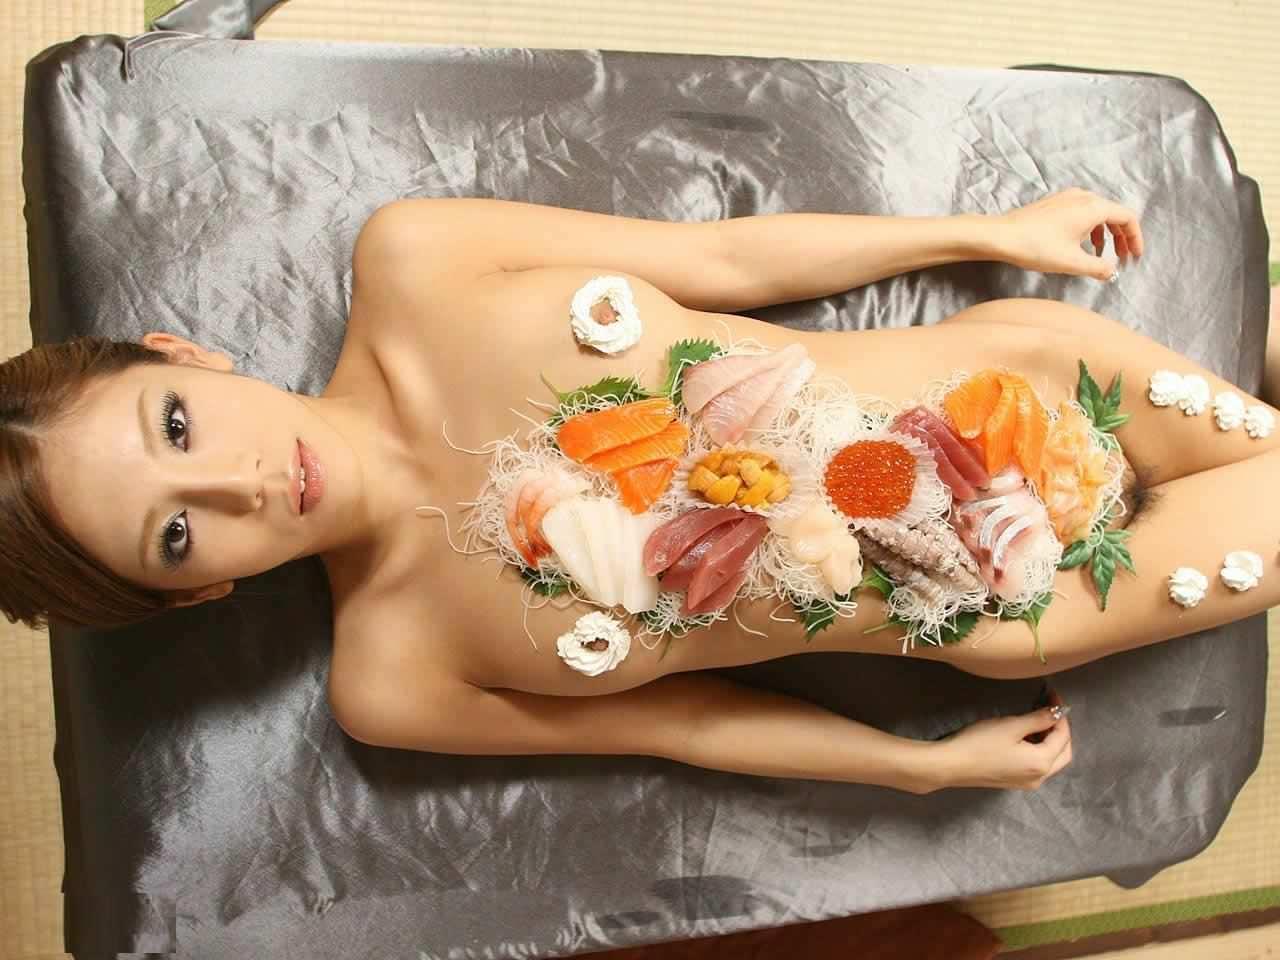 女の皮膚に触れる刺し身を頂くwww女体盛りのフェチエロ画像 178